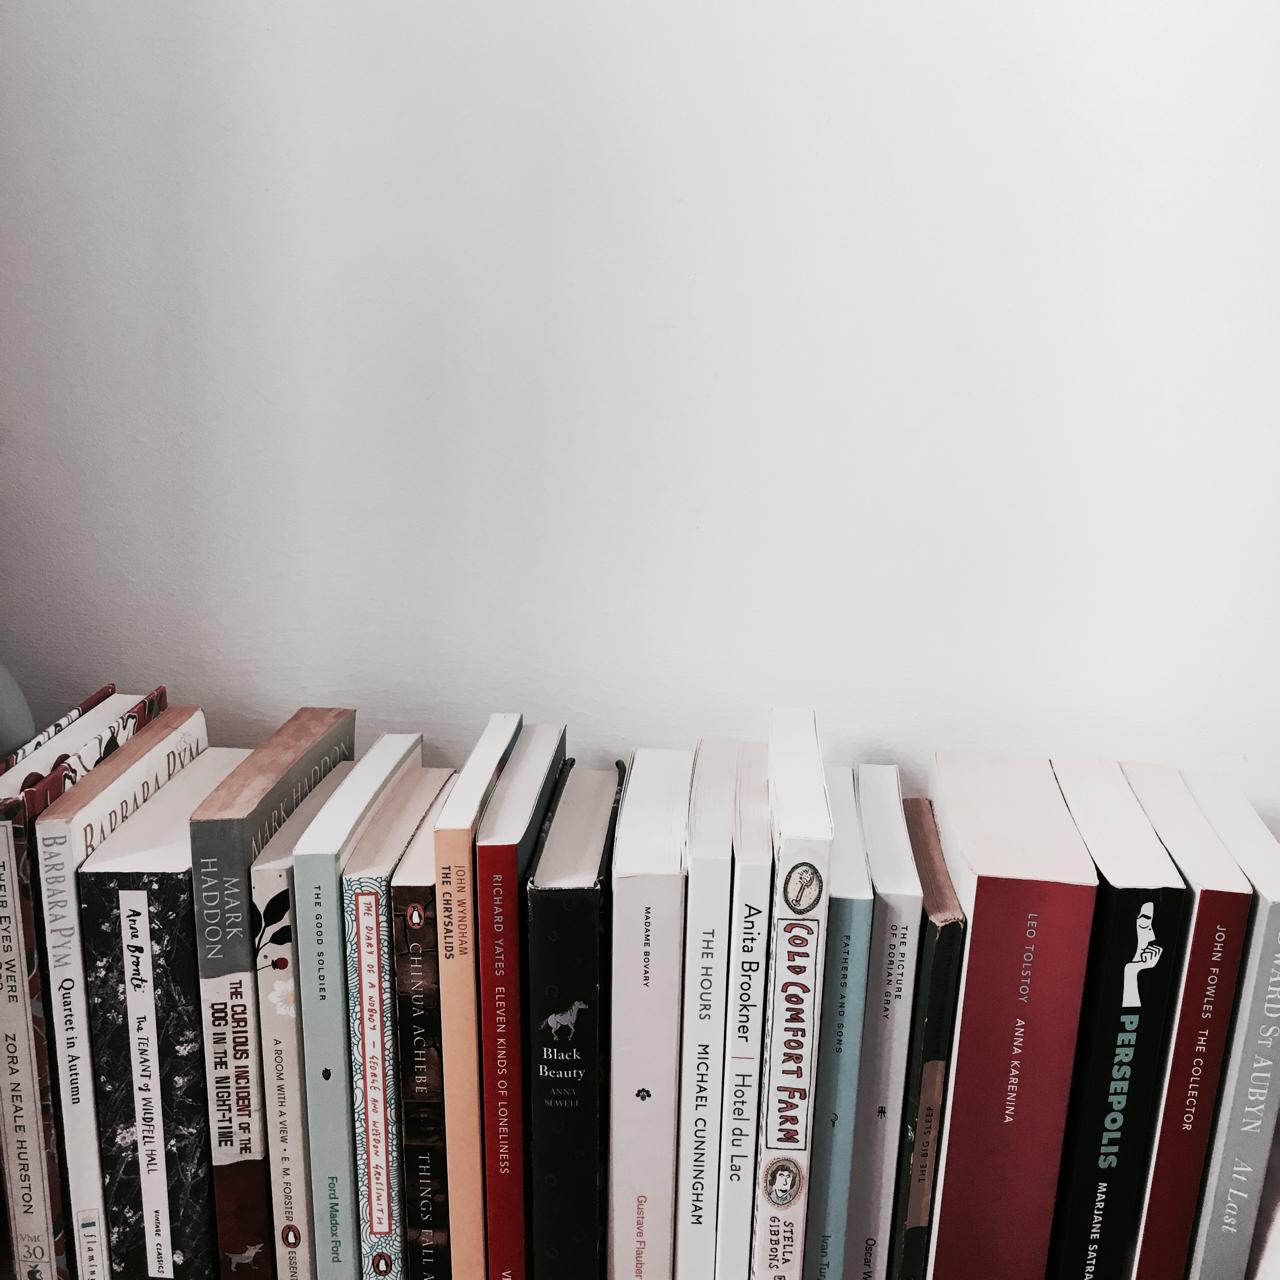 bibliophile, books, and bookstore image